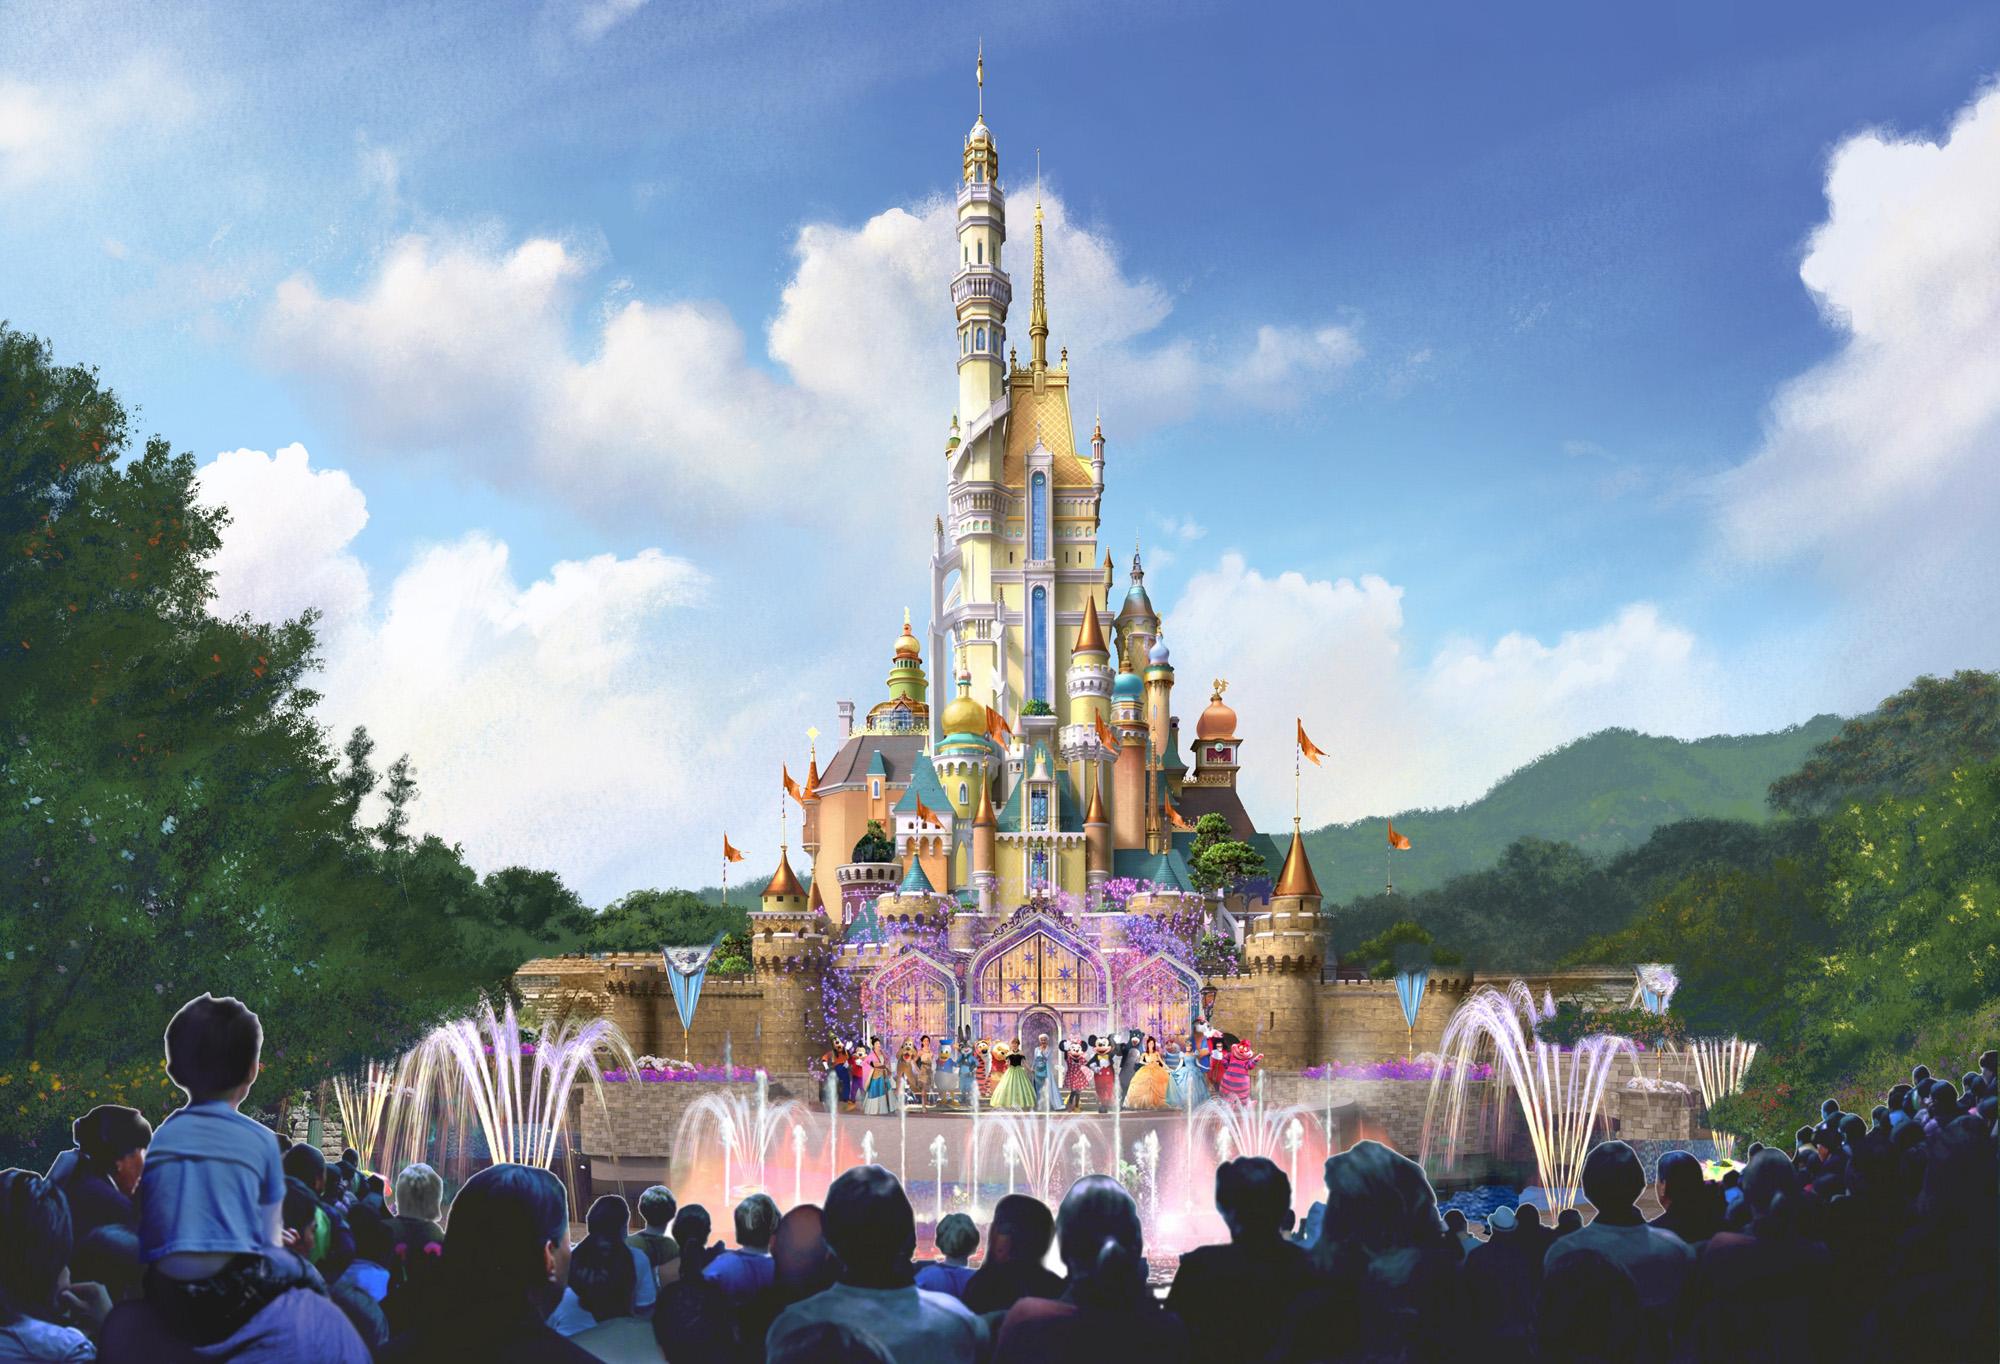 融合不同文化的迪士尼公主故事!香港迪士尼全新城堡概念圖出爐